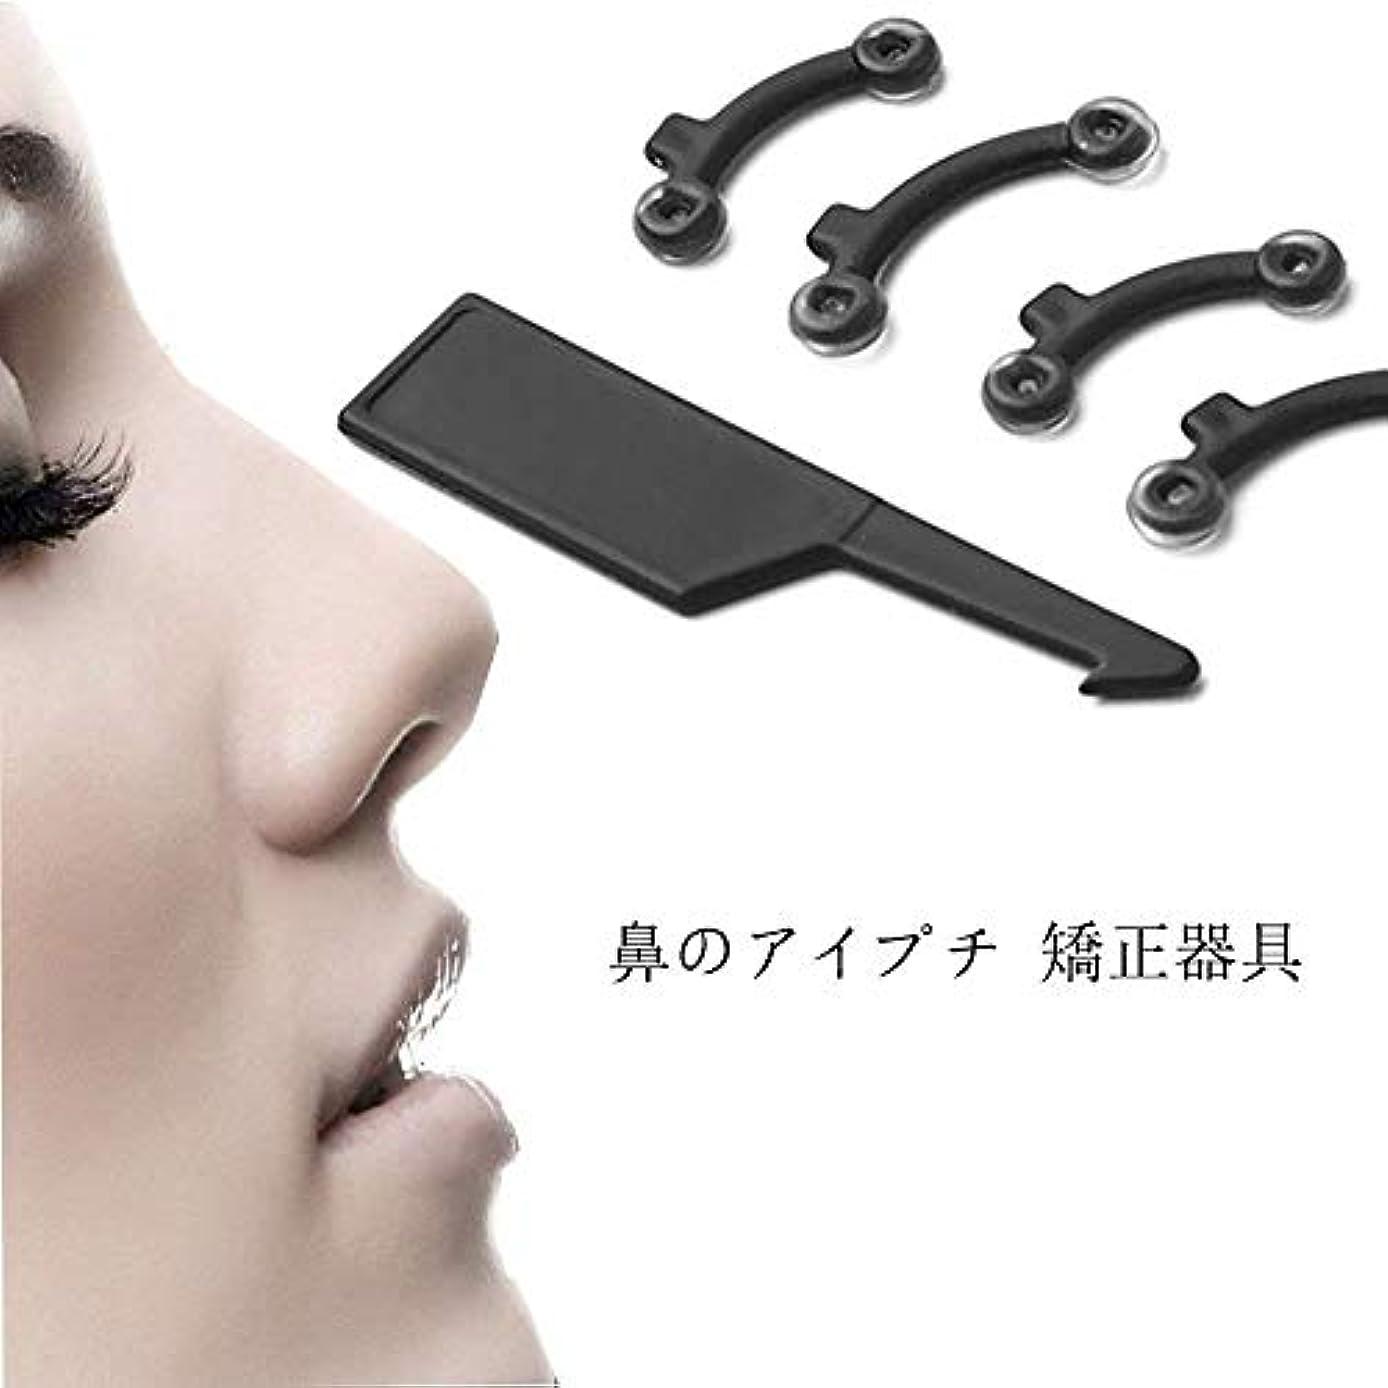 和らげるほのかかんたんTyou 鼻プチ 鼻パッド 柔軟性高く 痛くない 医療用シリコン使用 鼻のアイプチ 矯正プチ 整形せず